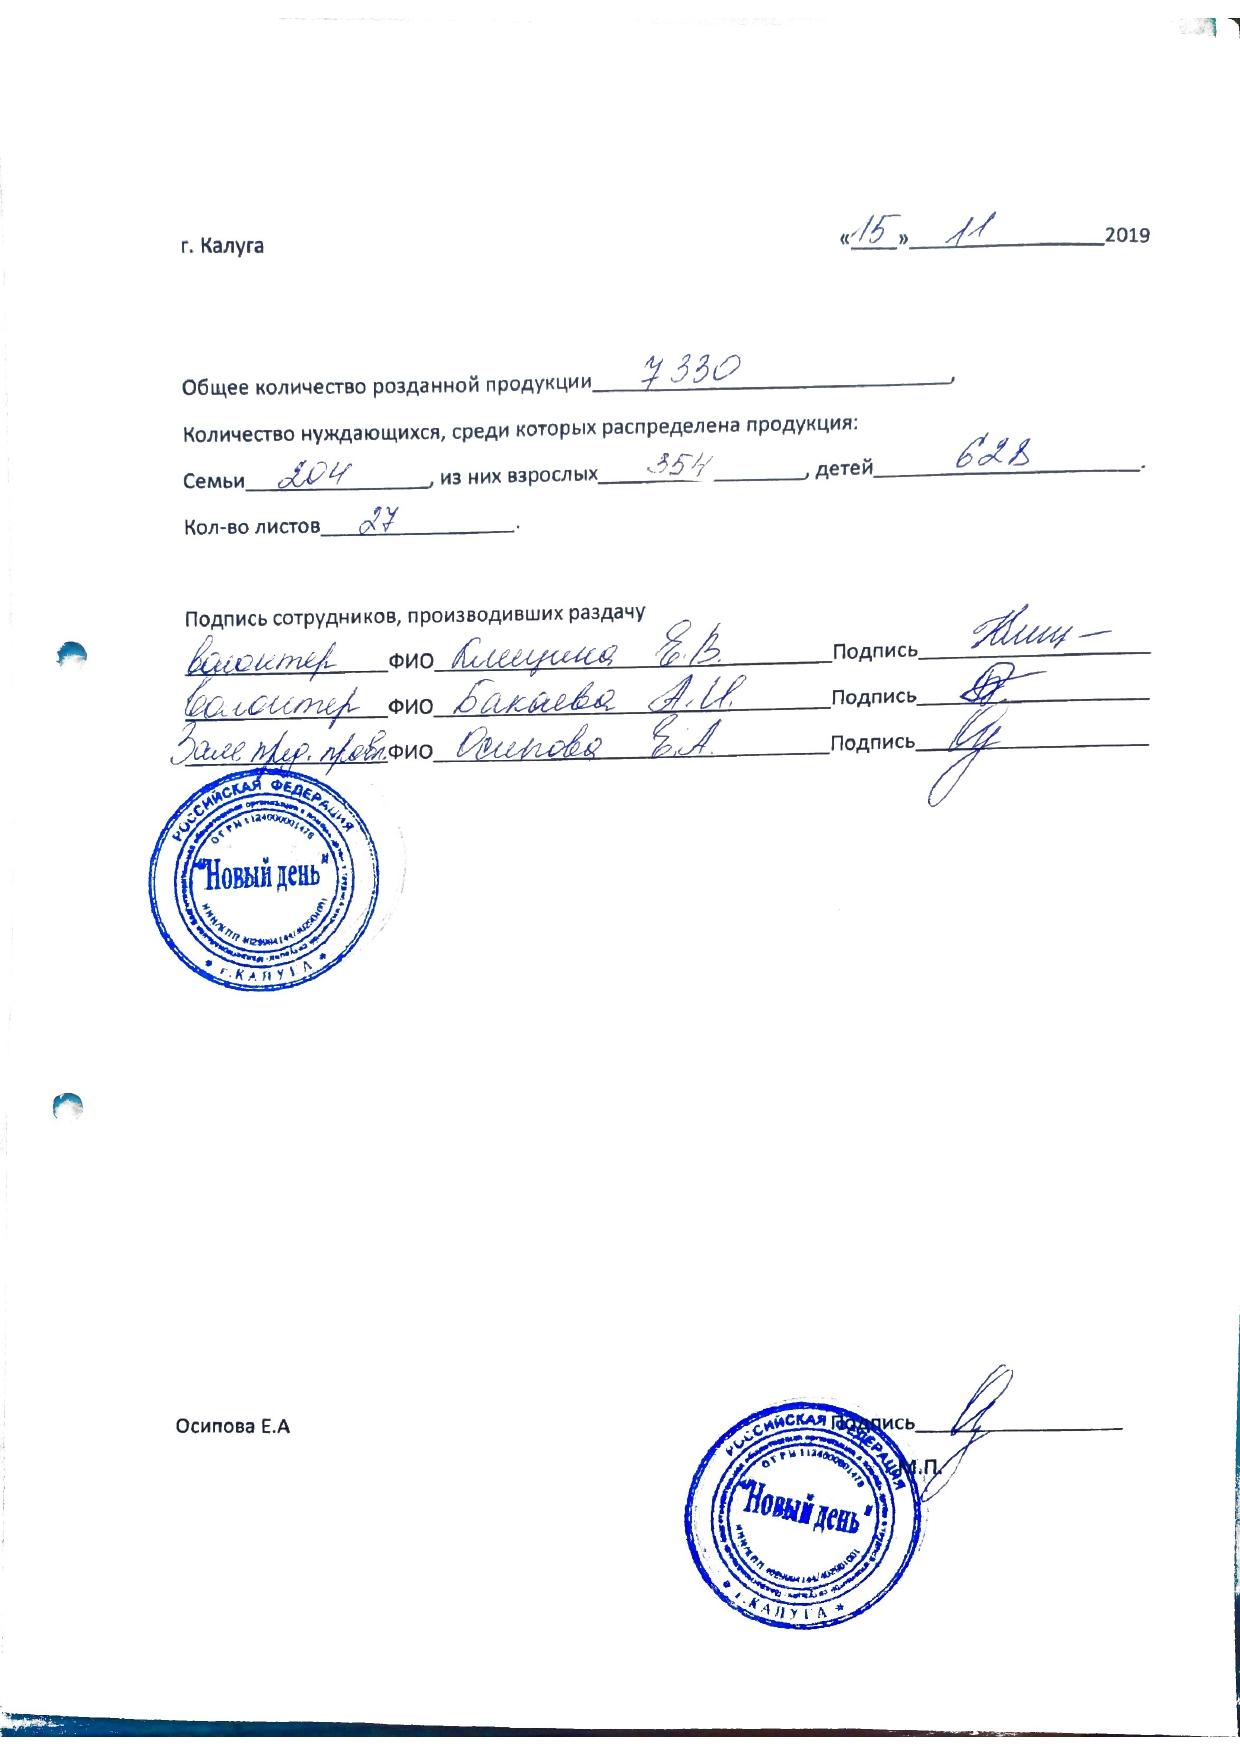 Молочка кол-во 15.11.2019